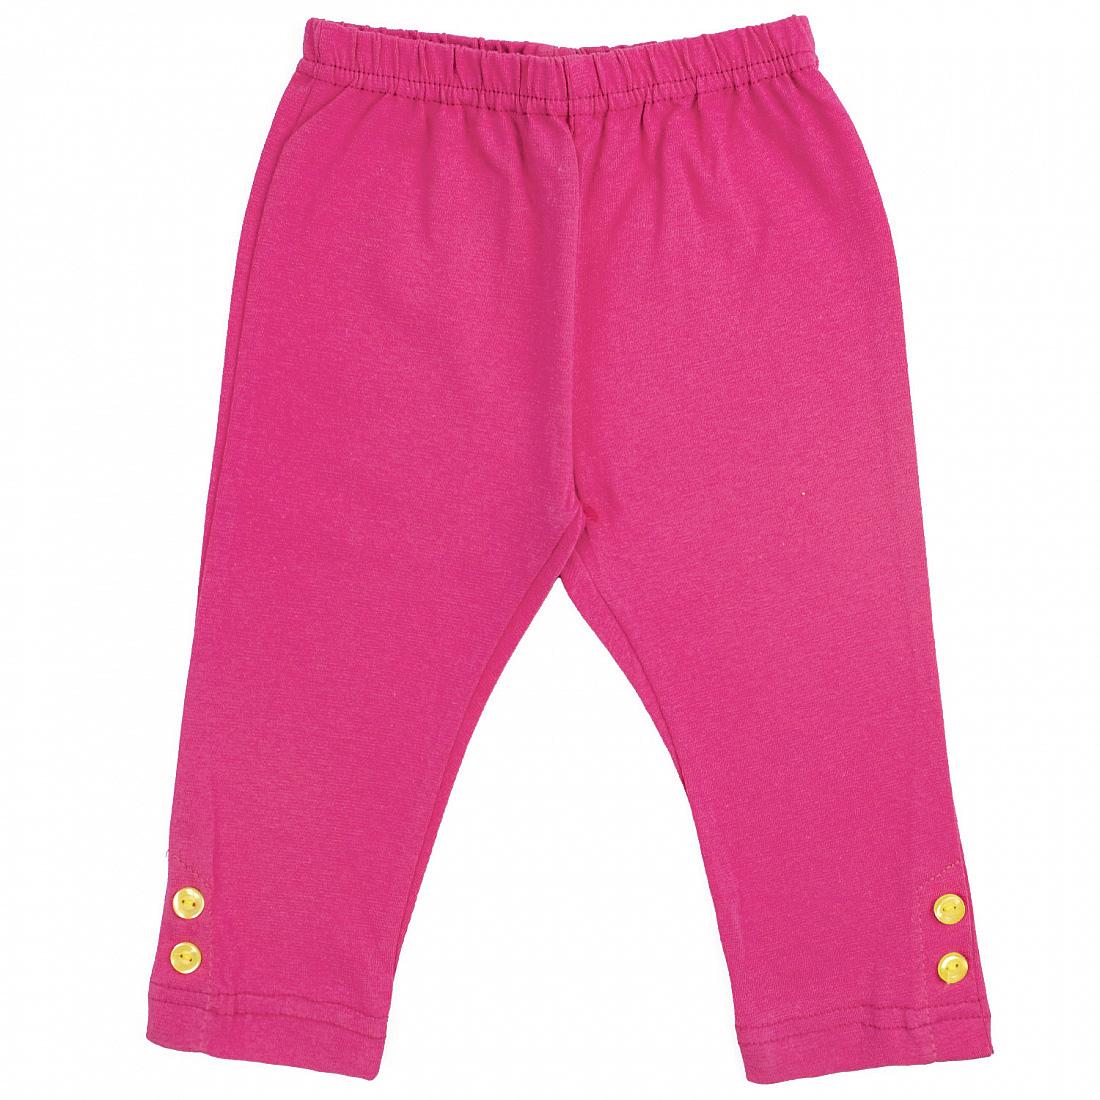 Купить 228р, Леггинсы детские Юлла, цв. розовый р. 92, Шорты и брюки для новорожденных